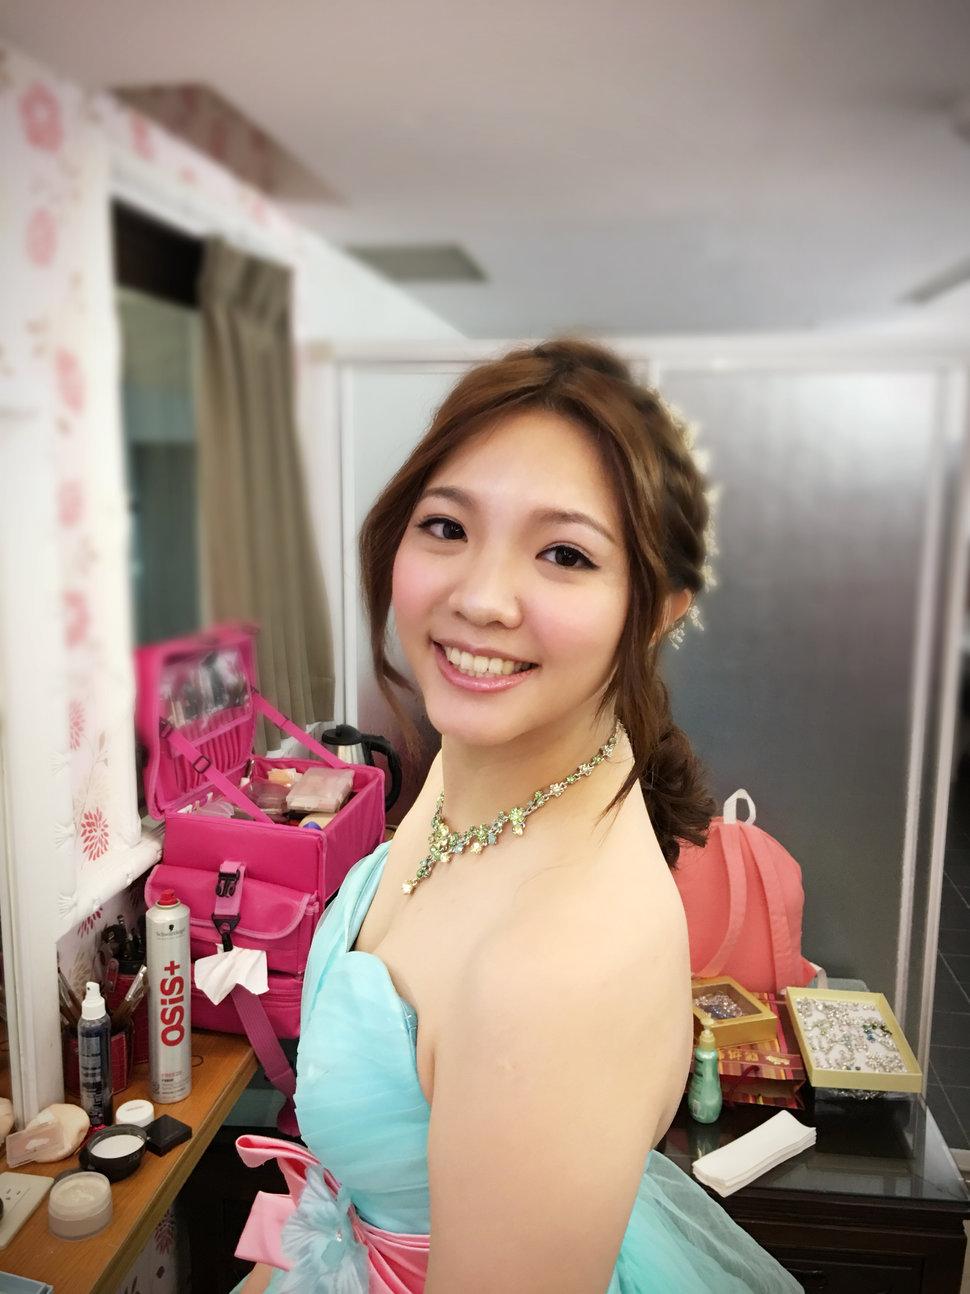 394A07F1-D753-477E-92ED-E70A0E00505D - 李宥萱 - 結婚吧